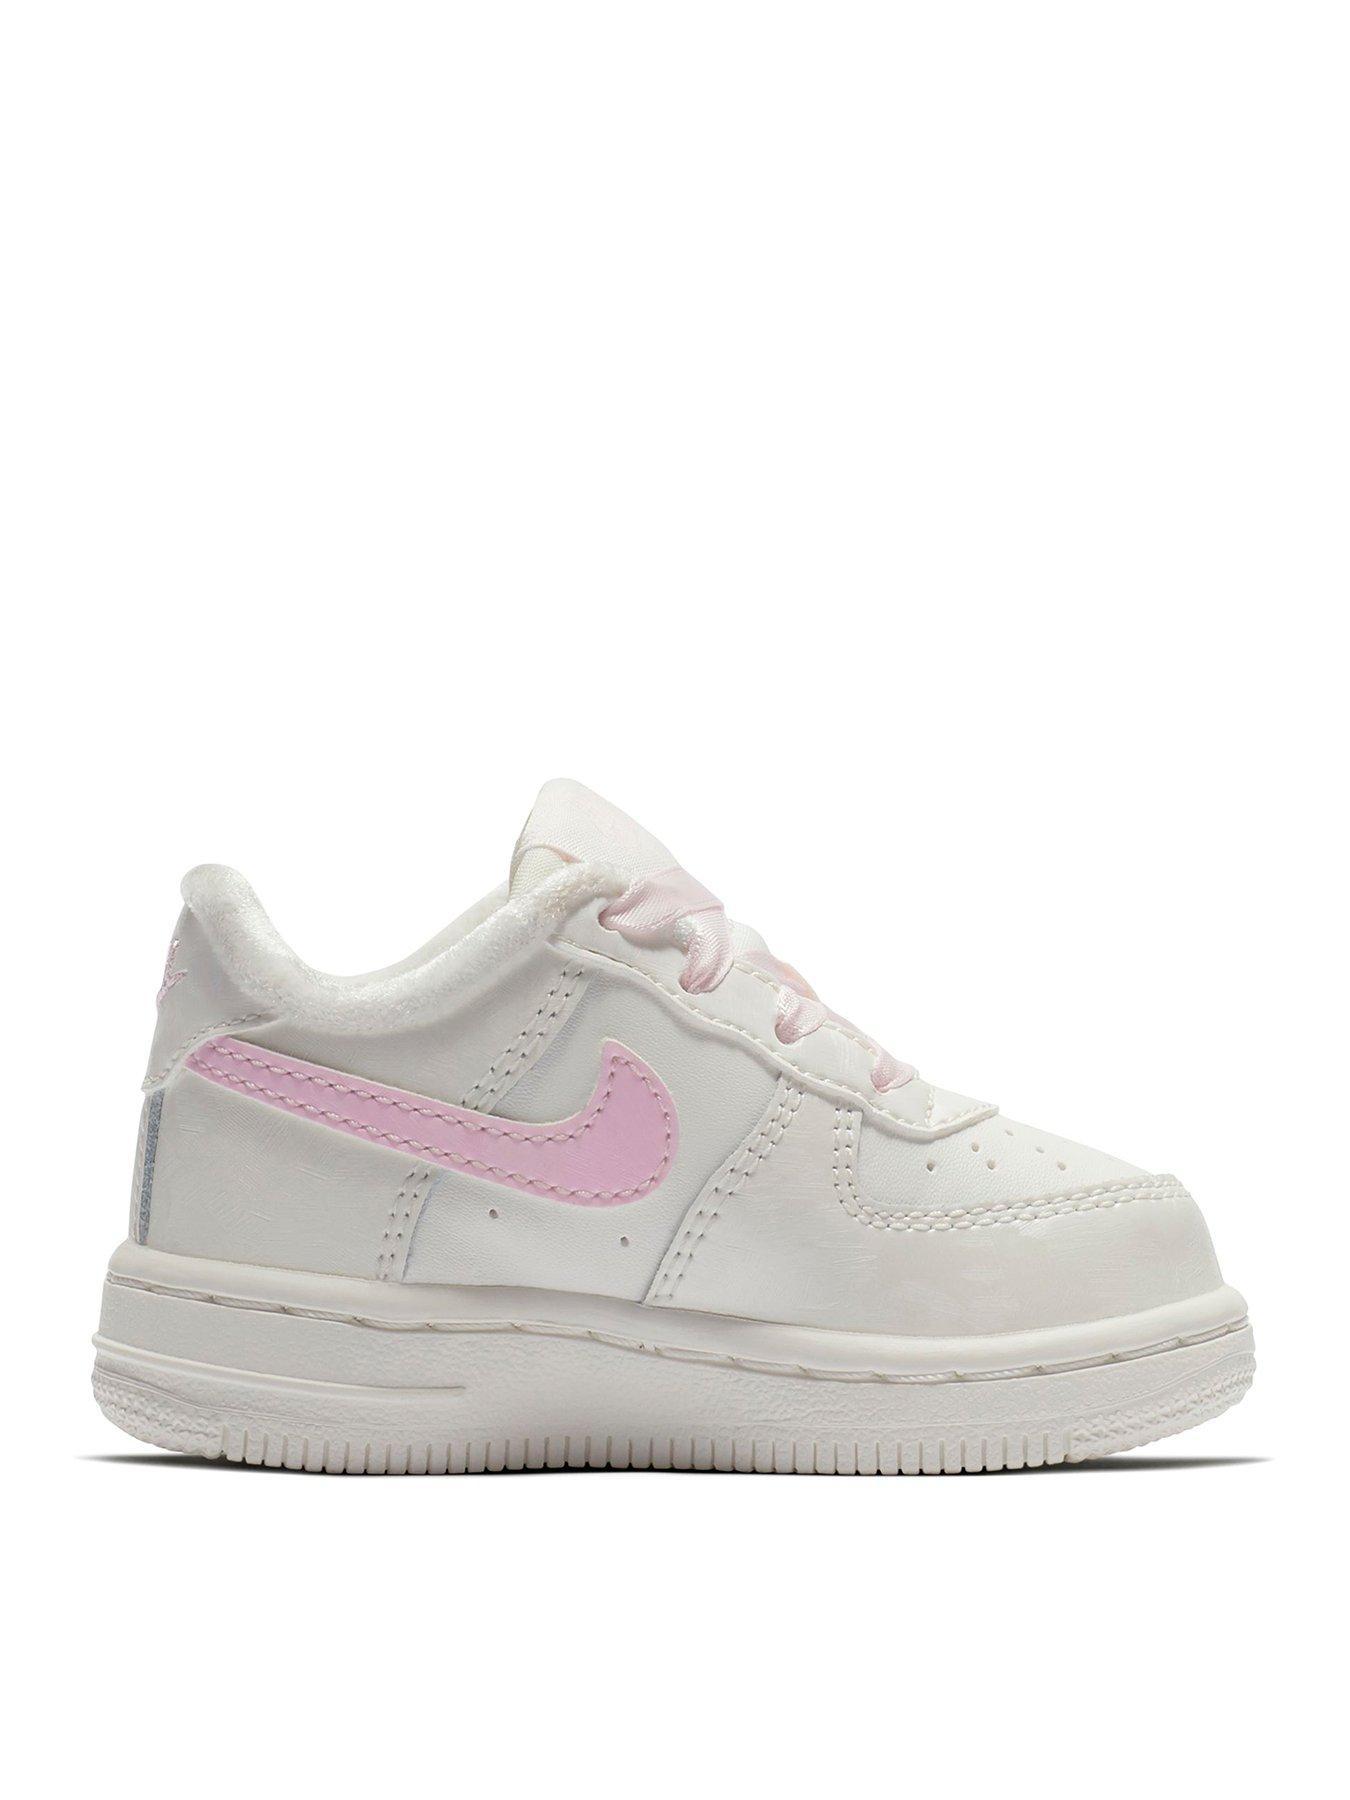 ladies nike air force #1 uk skincare brand